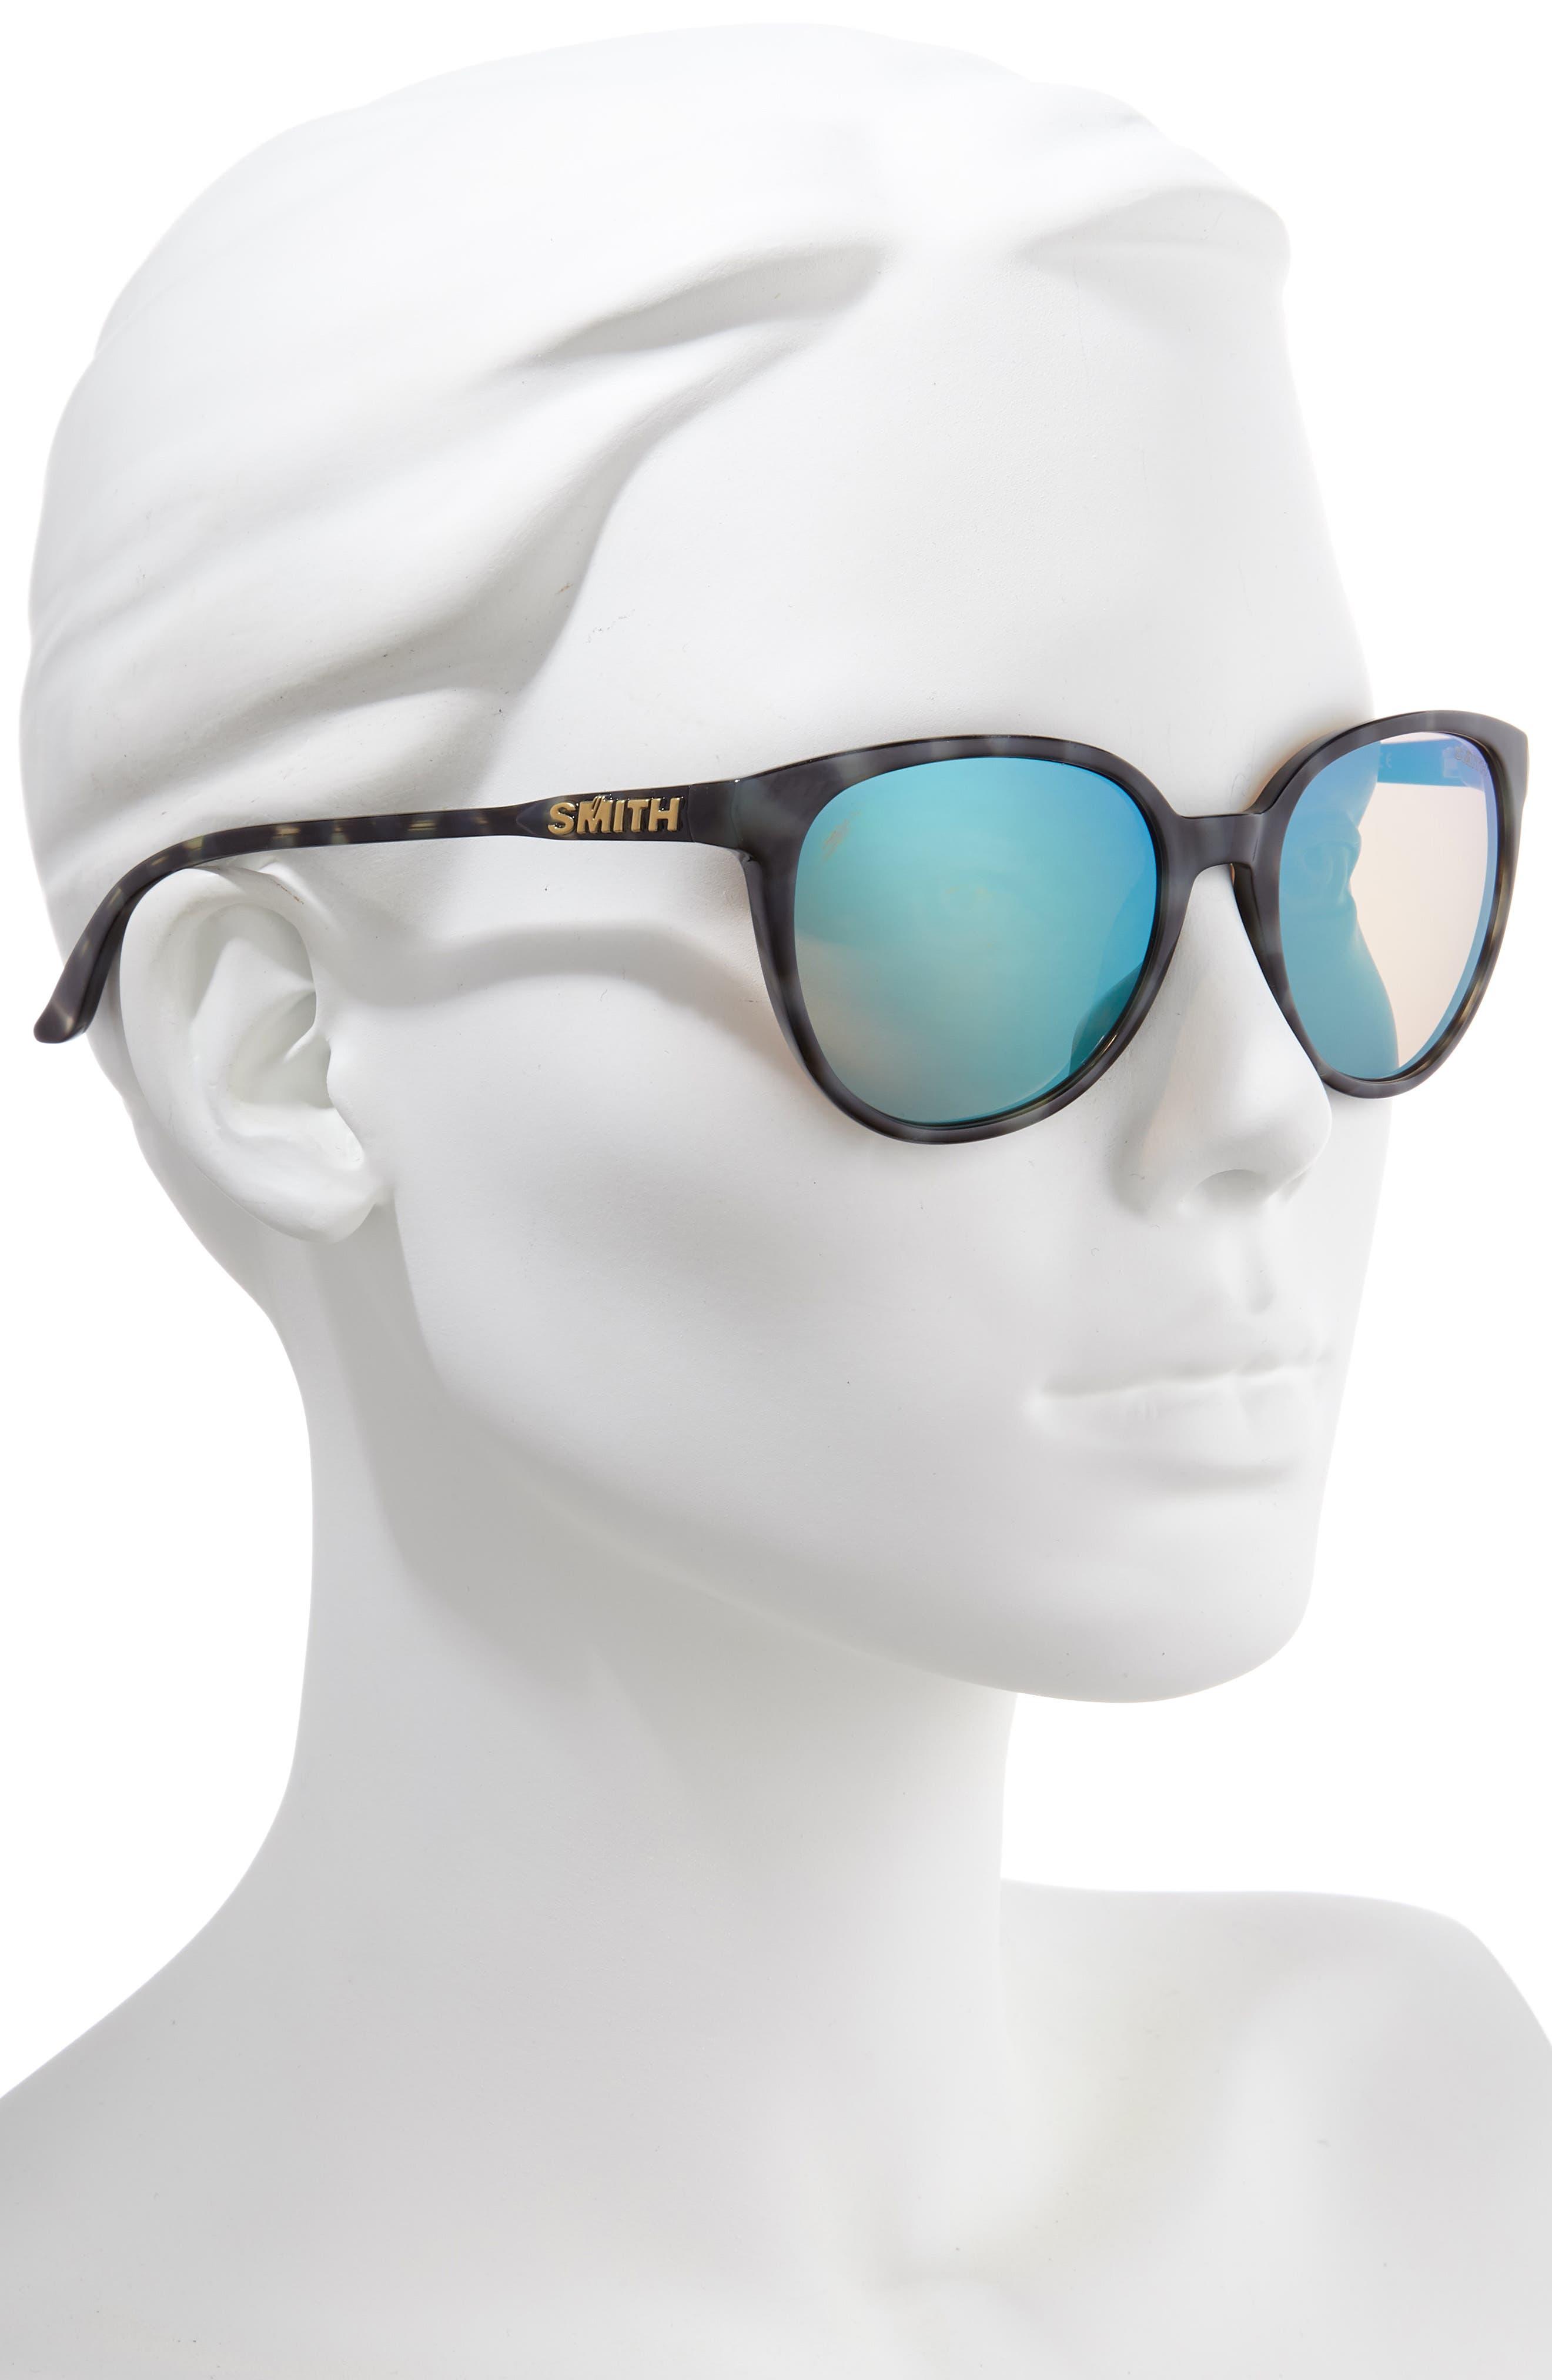 7623a8d0b8a5d Smith Sunglasses